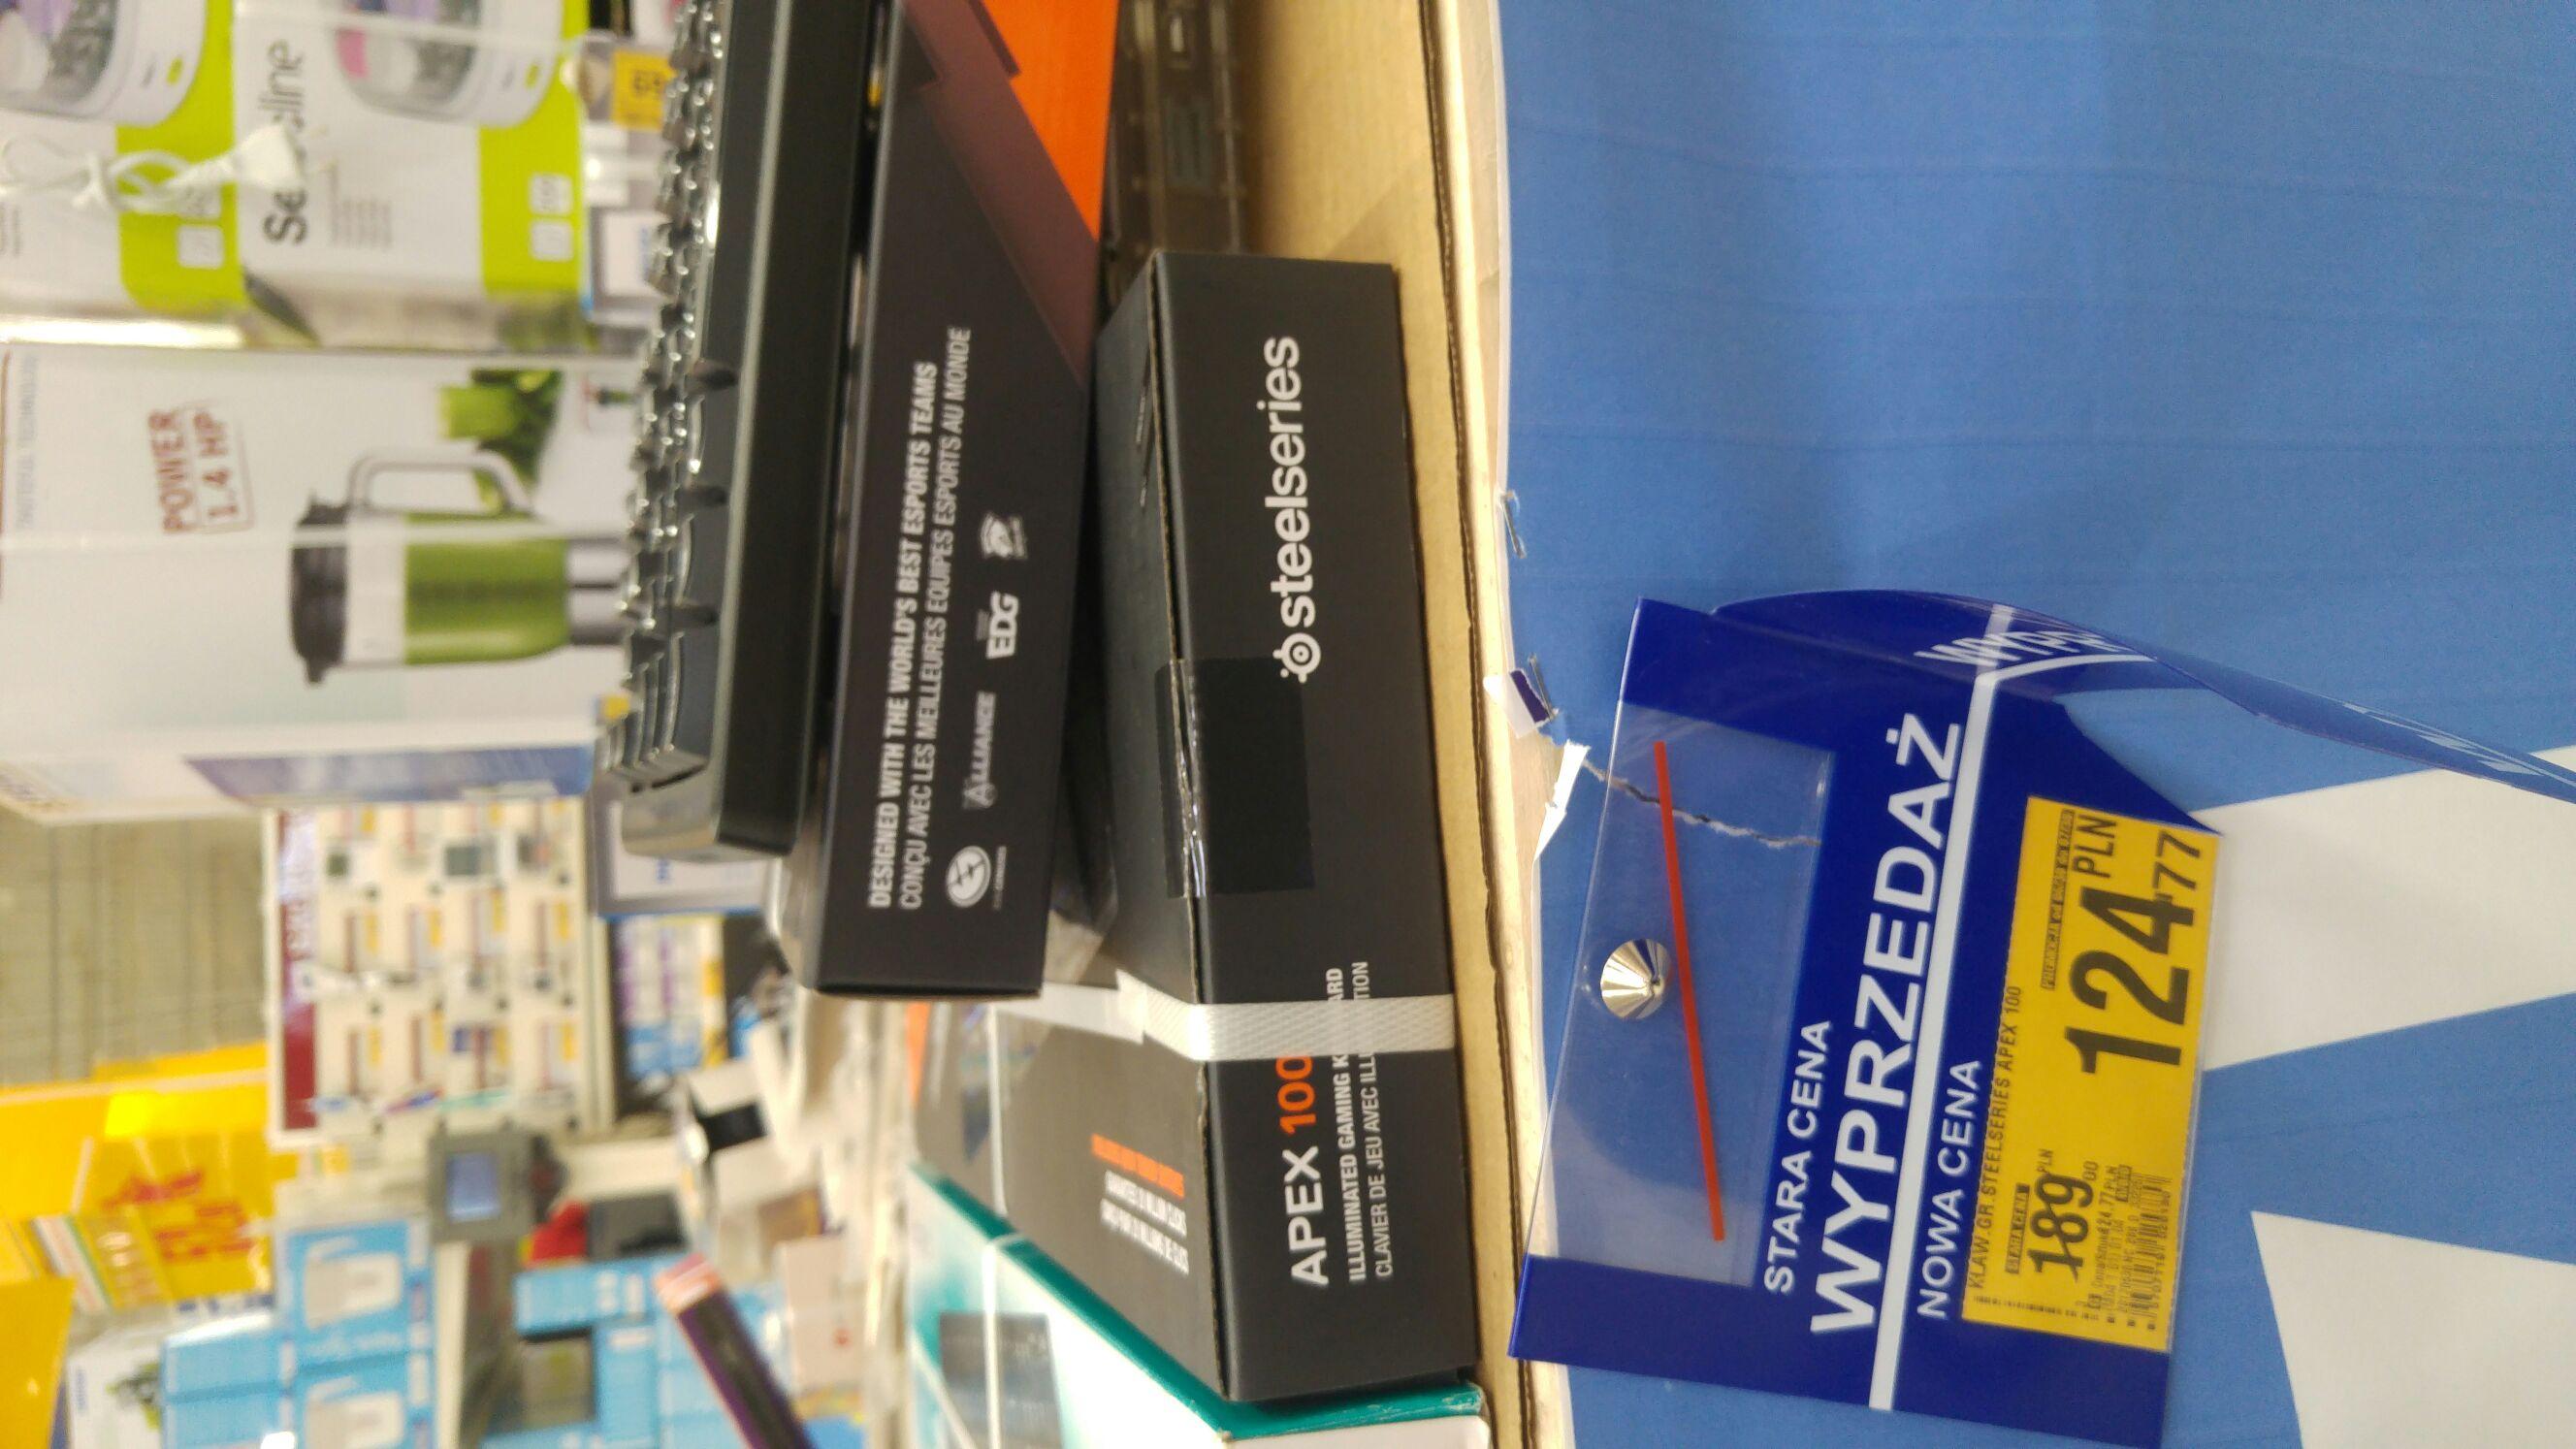 Klawiatura dla graczy SteelSeries Apex 100 @Auchan Kołbaskowo